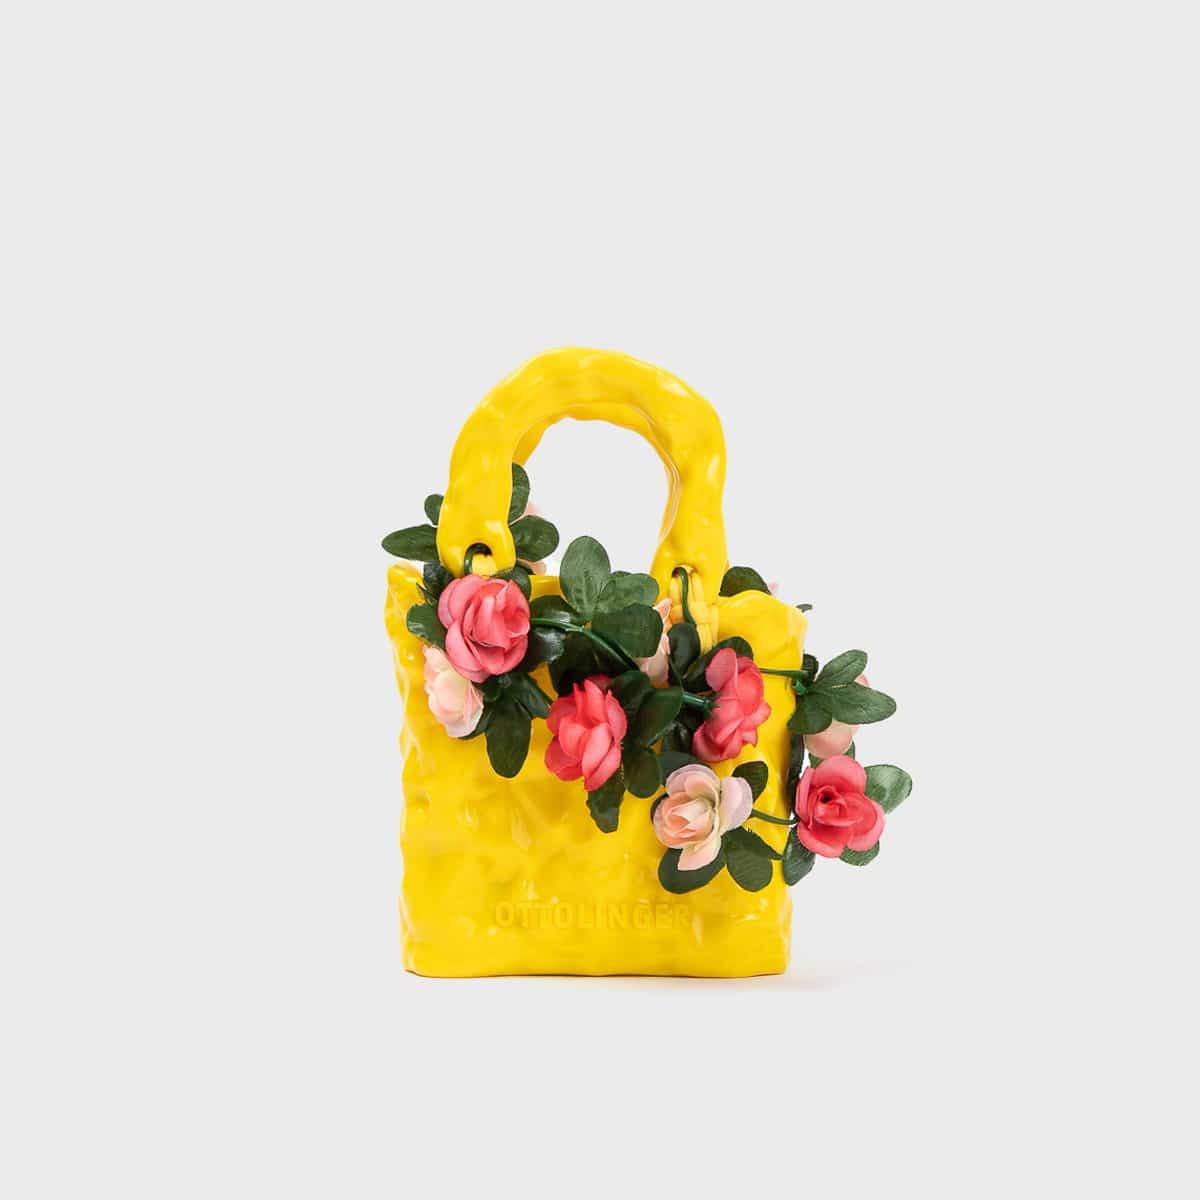 Ottolinger Signature Ceramic Bag Rose Yellow